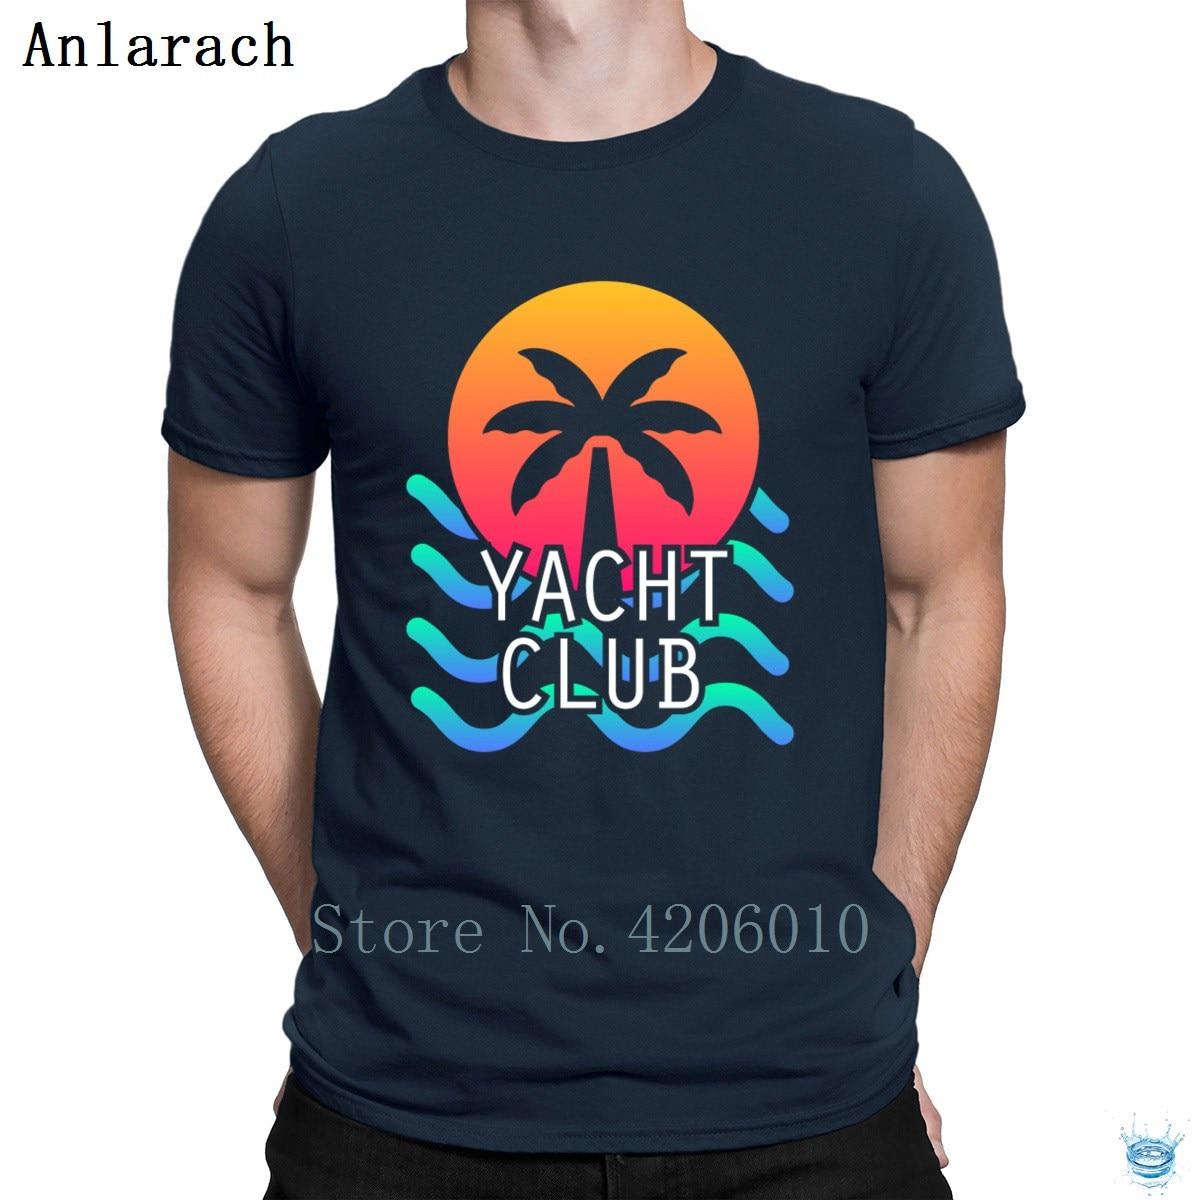 Яхт-клуб эстетику Vaporwave Vibes футболки Повседневное Фитнес одежда Демисезонный футболка для Для мужчин с круглым вырезом Личность